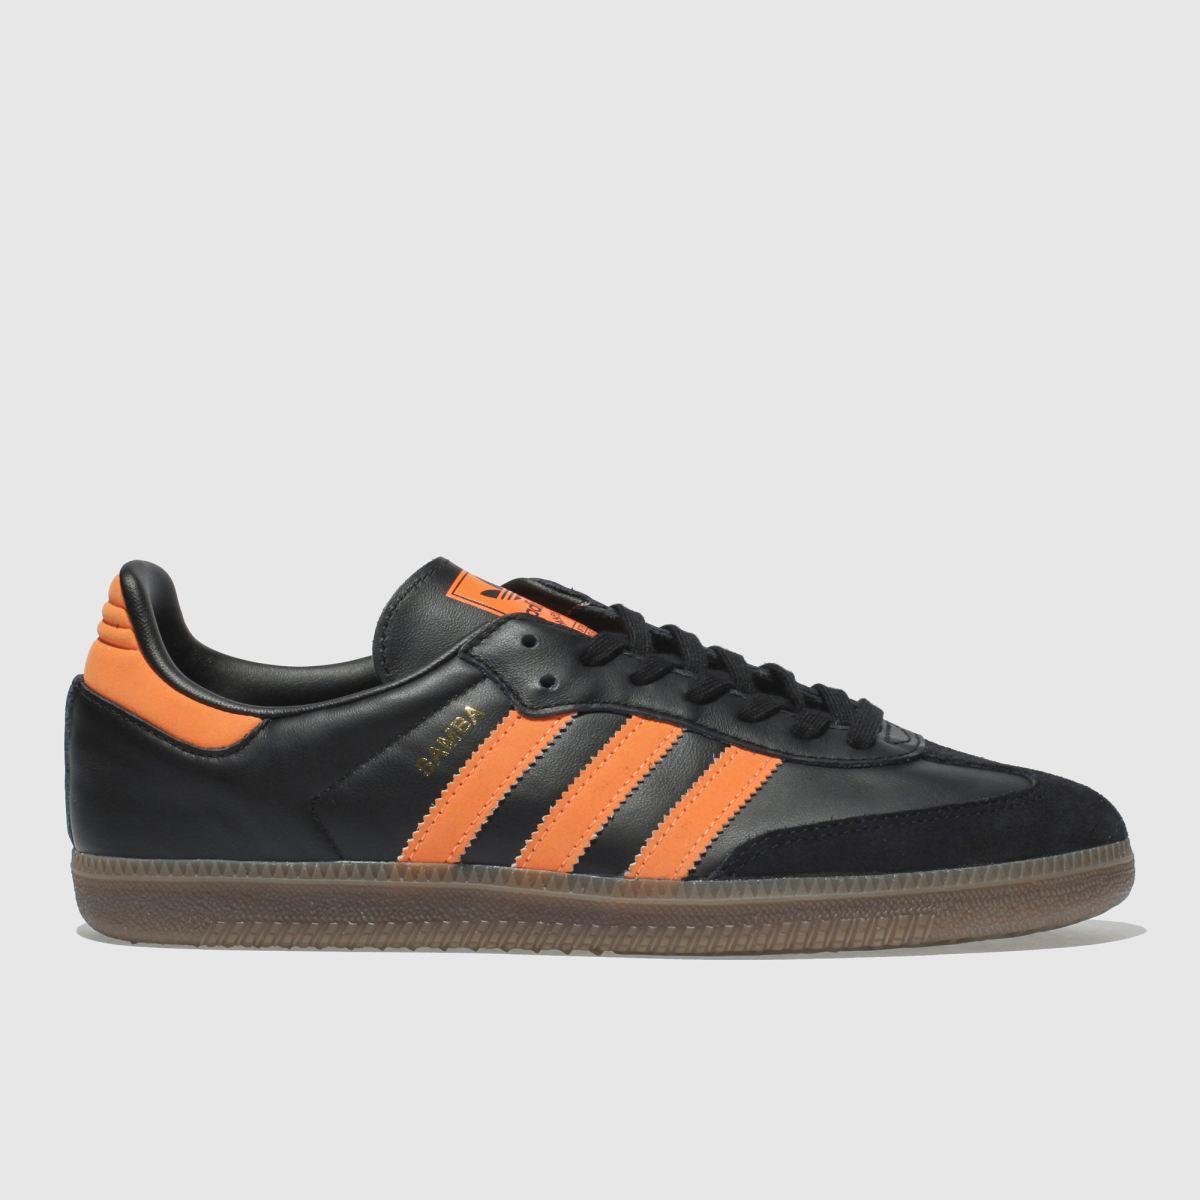 Adidas Black & Orange Samba Og Trainers